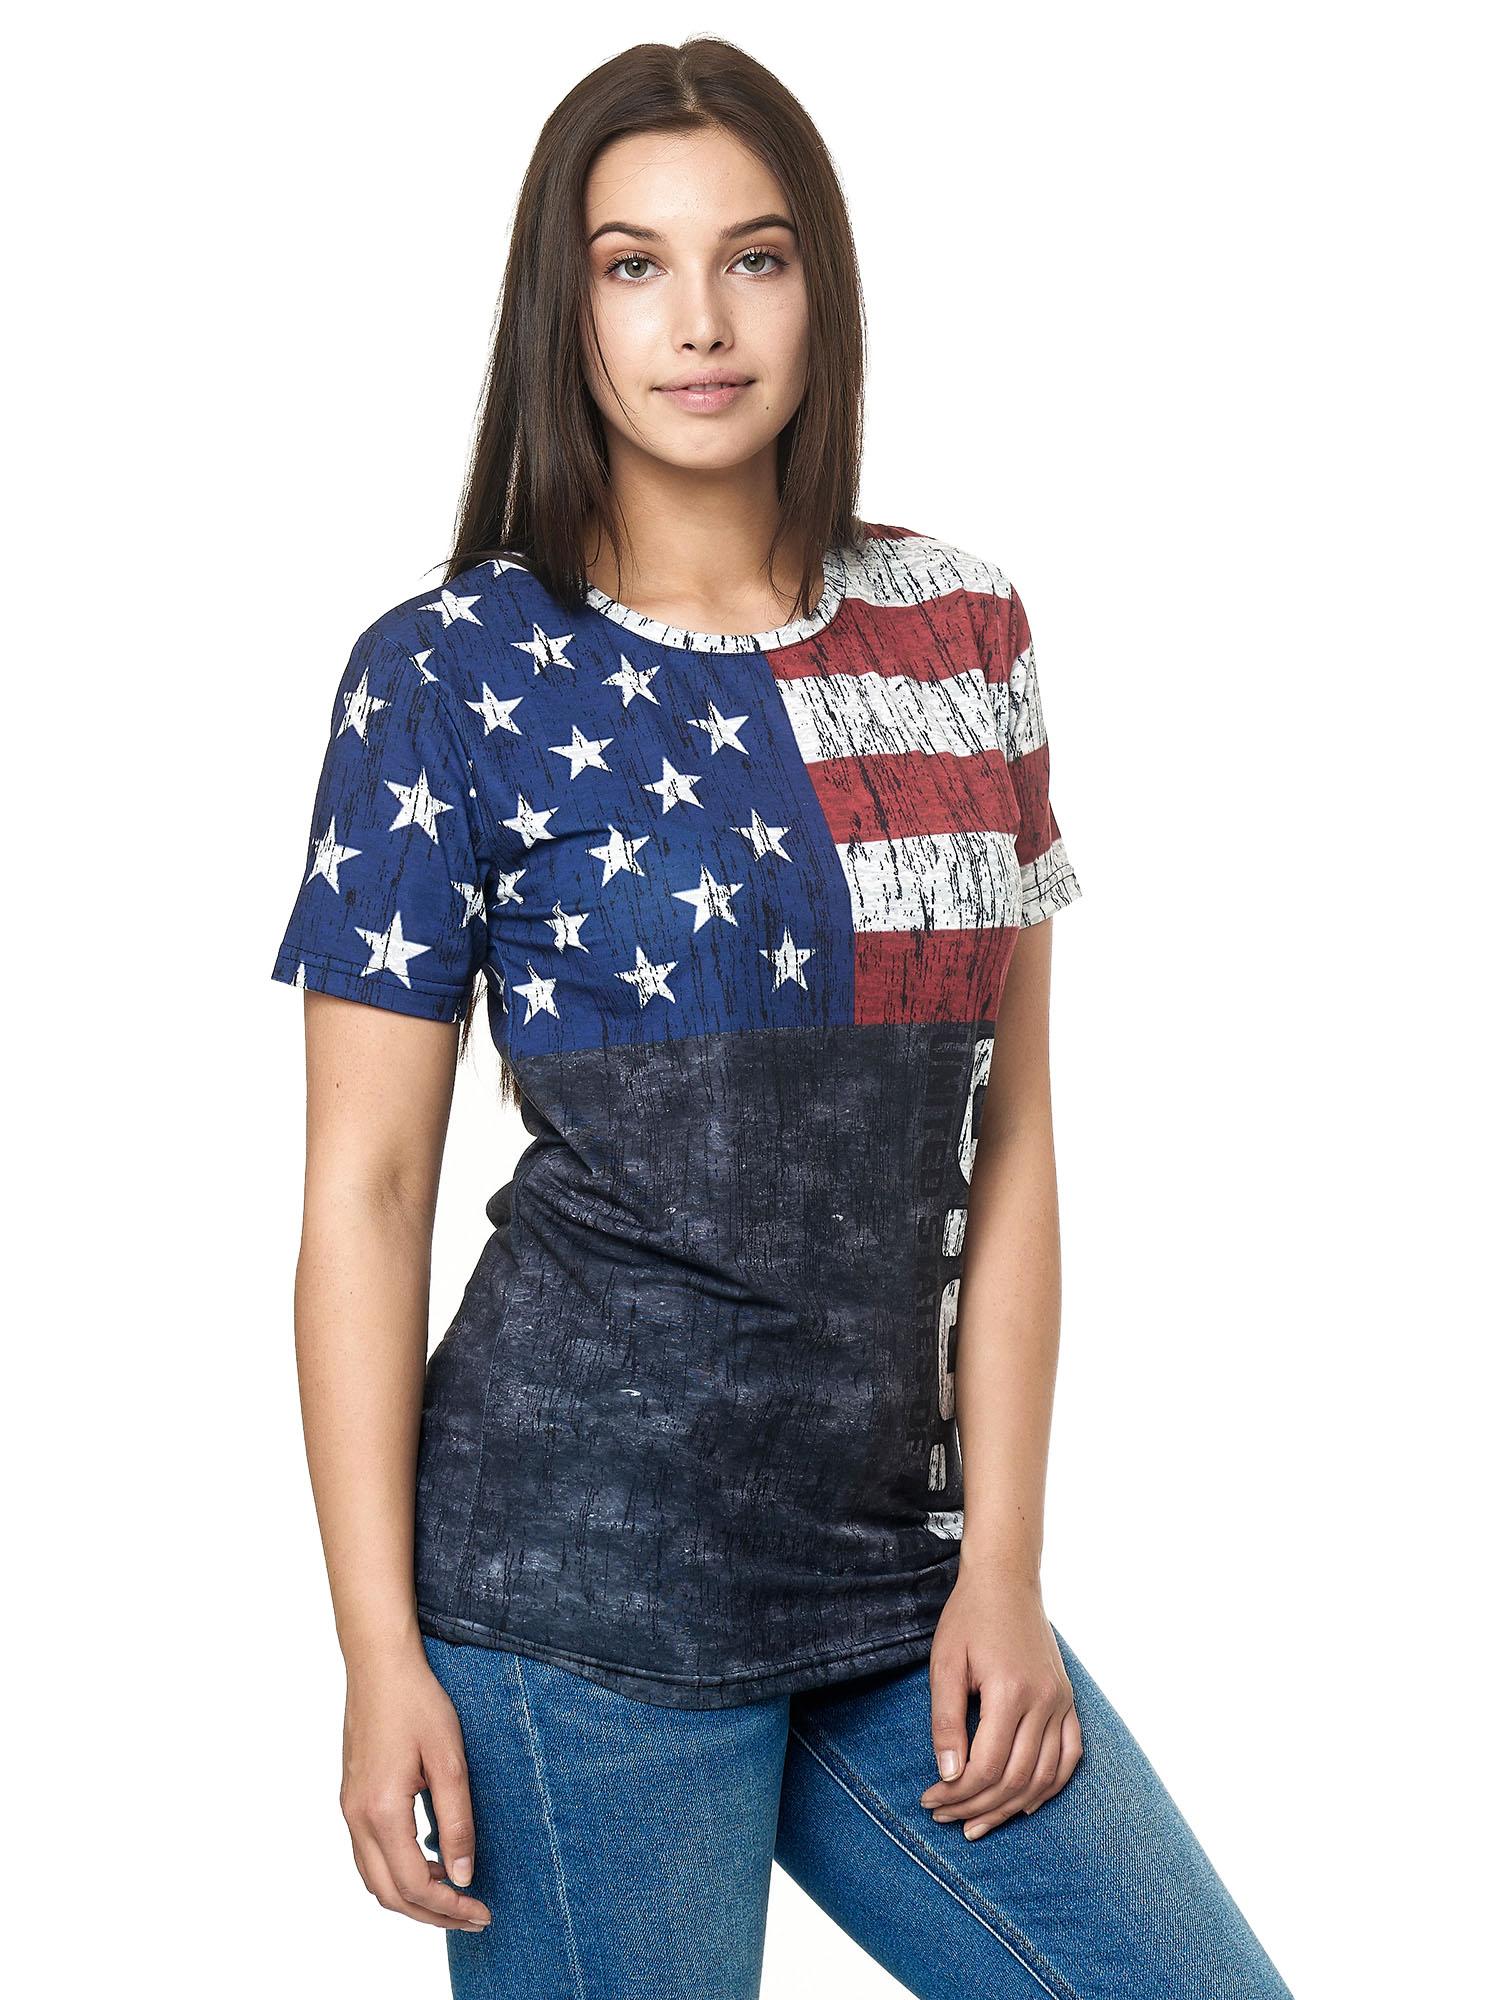 Paesi-da-Donna-T-shirt-A-Maniche-Corte-Girocollo-donne-CALCIO-Fanshirt-John-Kayna miniatura 14